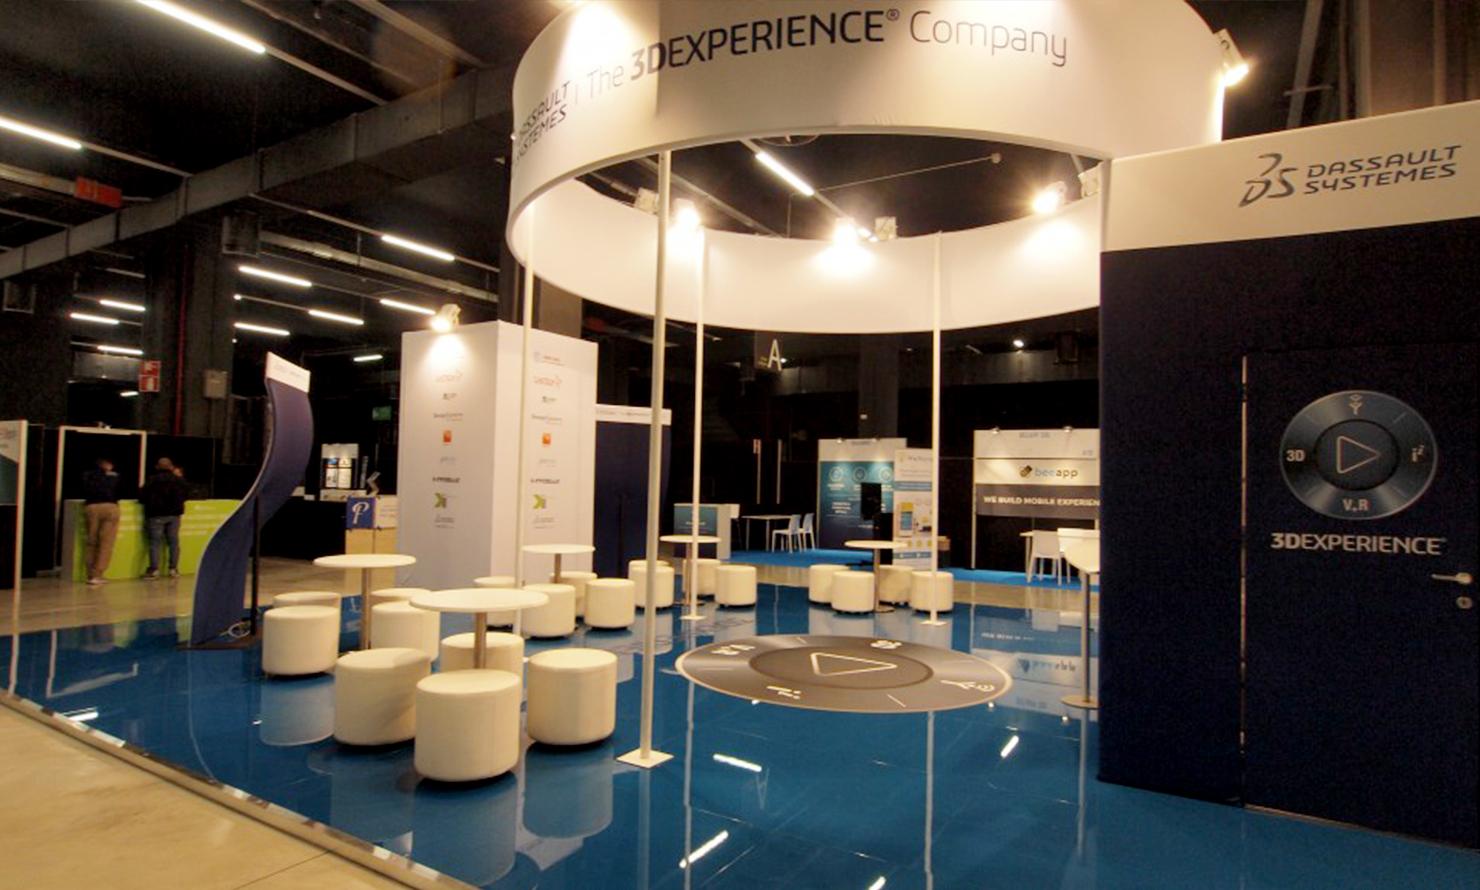 https://kubelibre.com/uploads/Slider-work-tutti-clienti/dassault-systèmes-exhibition-international-technology-hub-2.jpg